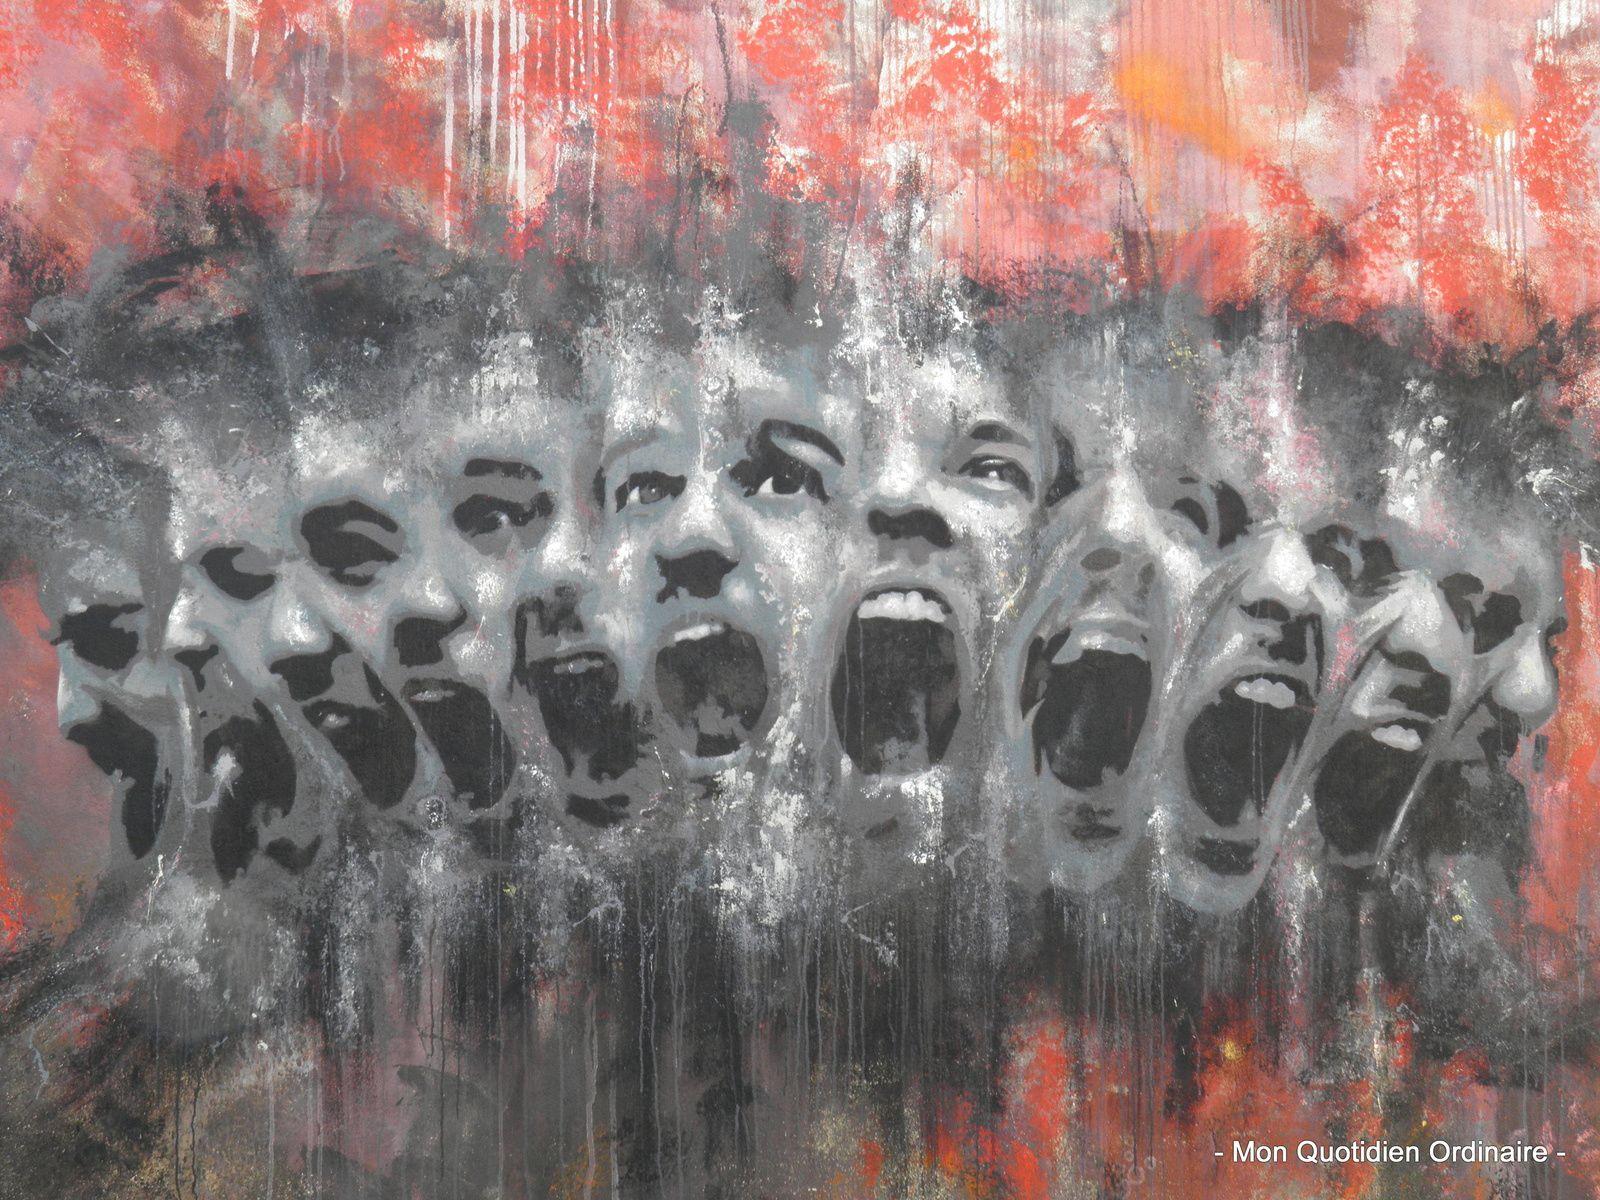 L'art urbain à Brest, entre graffitis et poésie